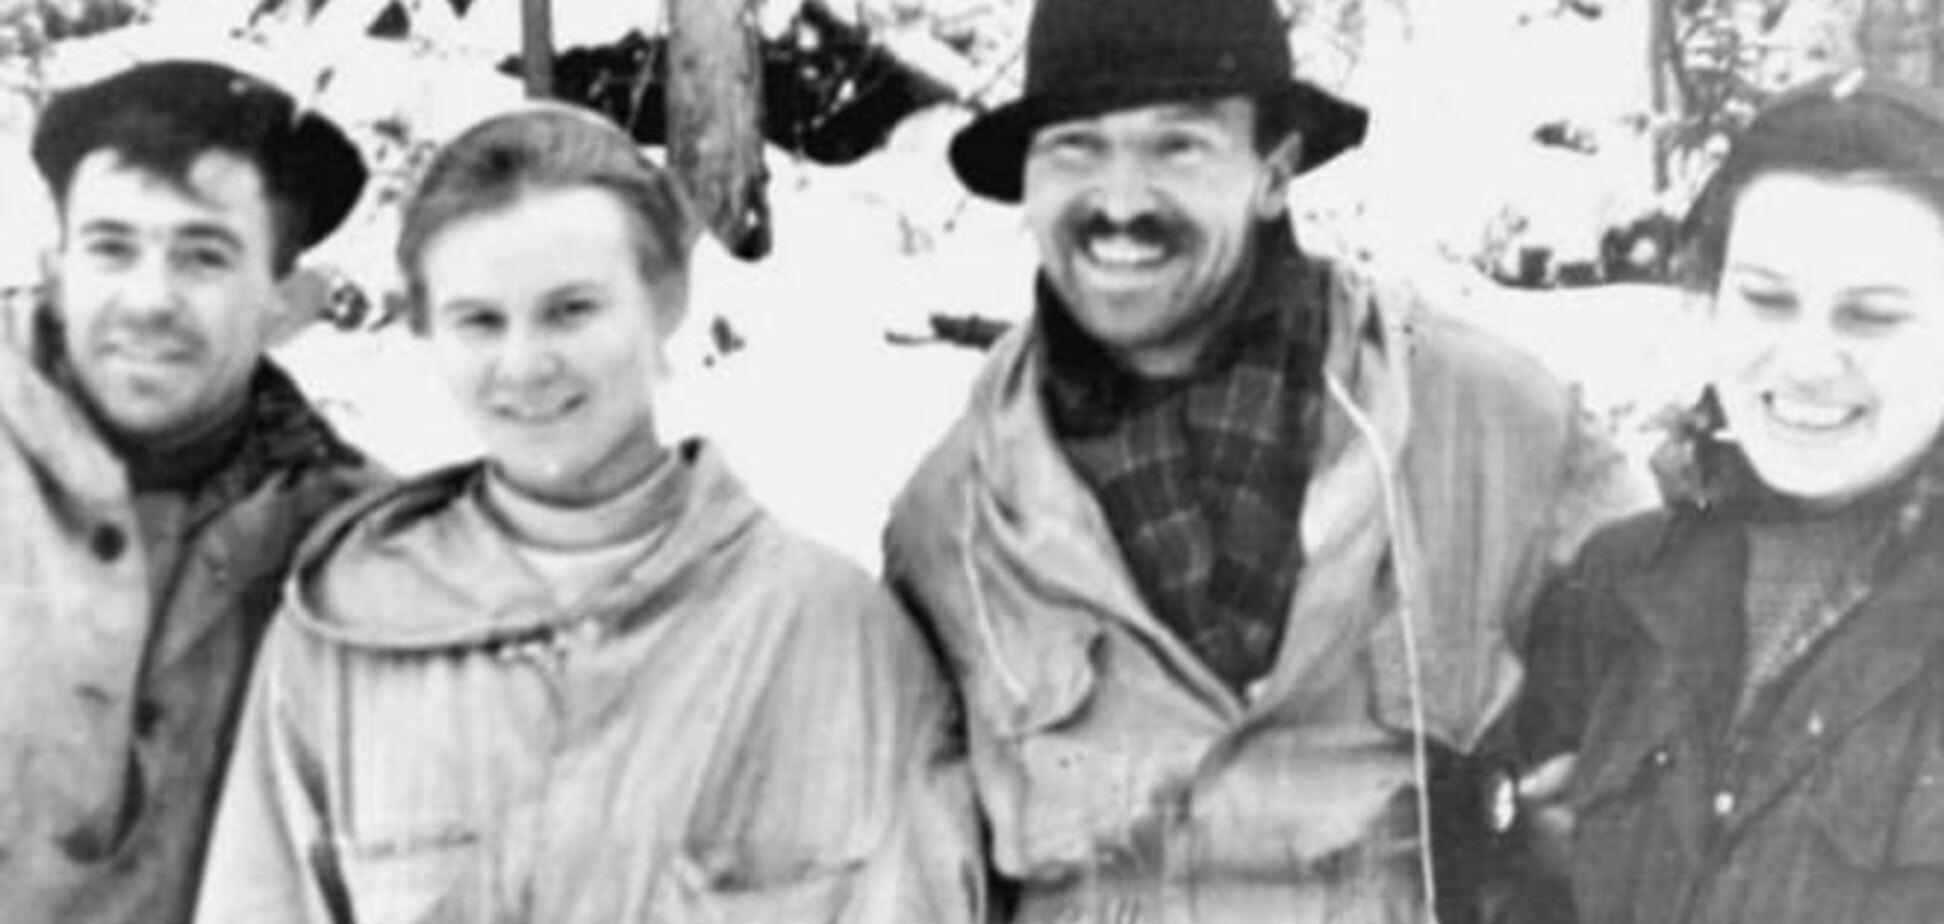 Американский исследователь разгадал тайну трагедии тургруппы Дятлова